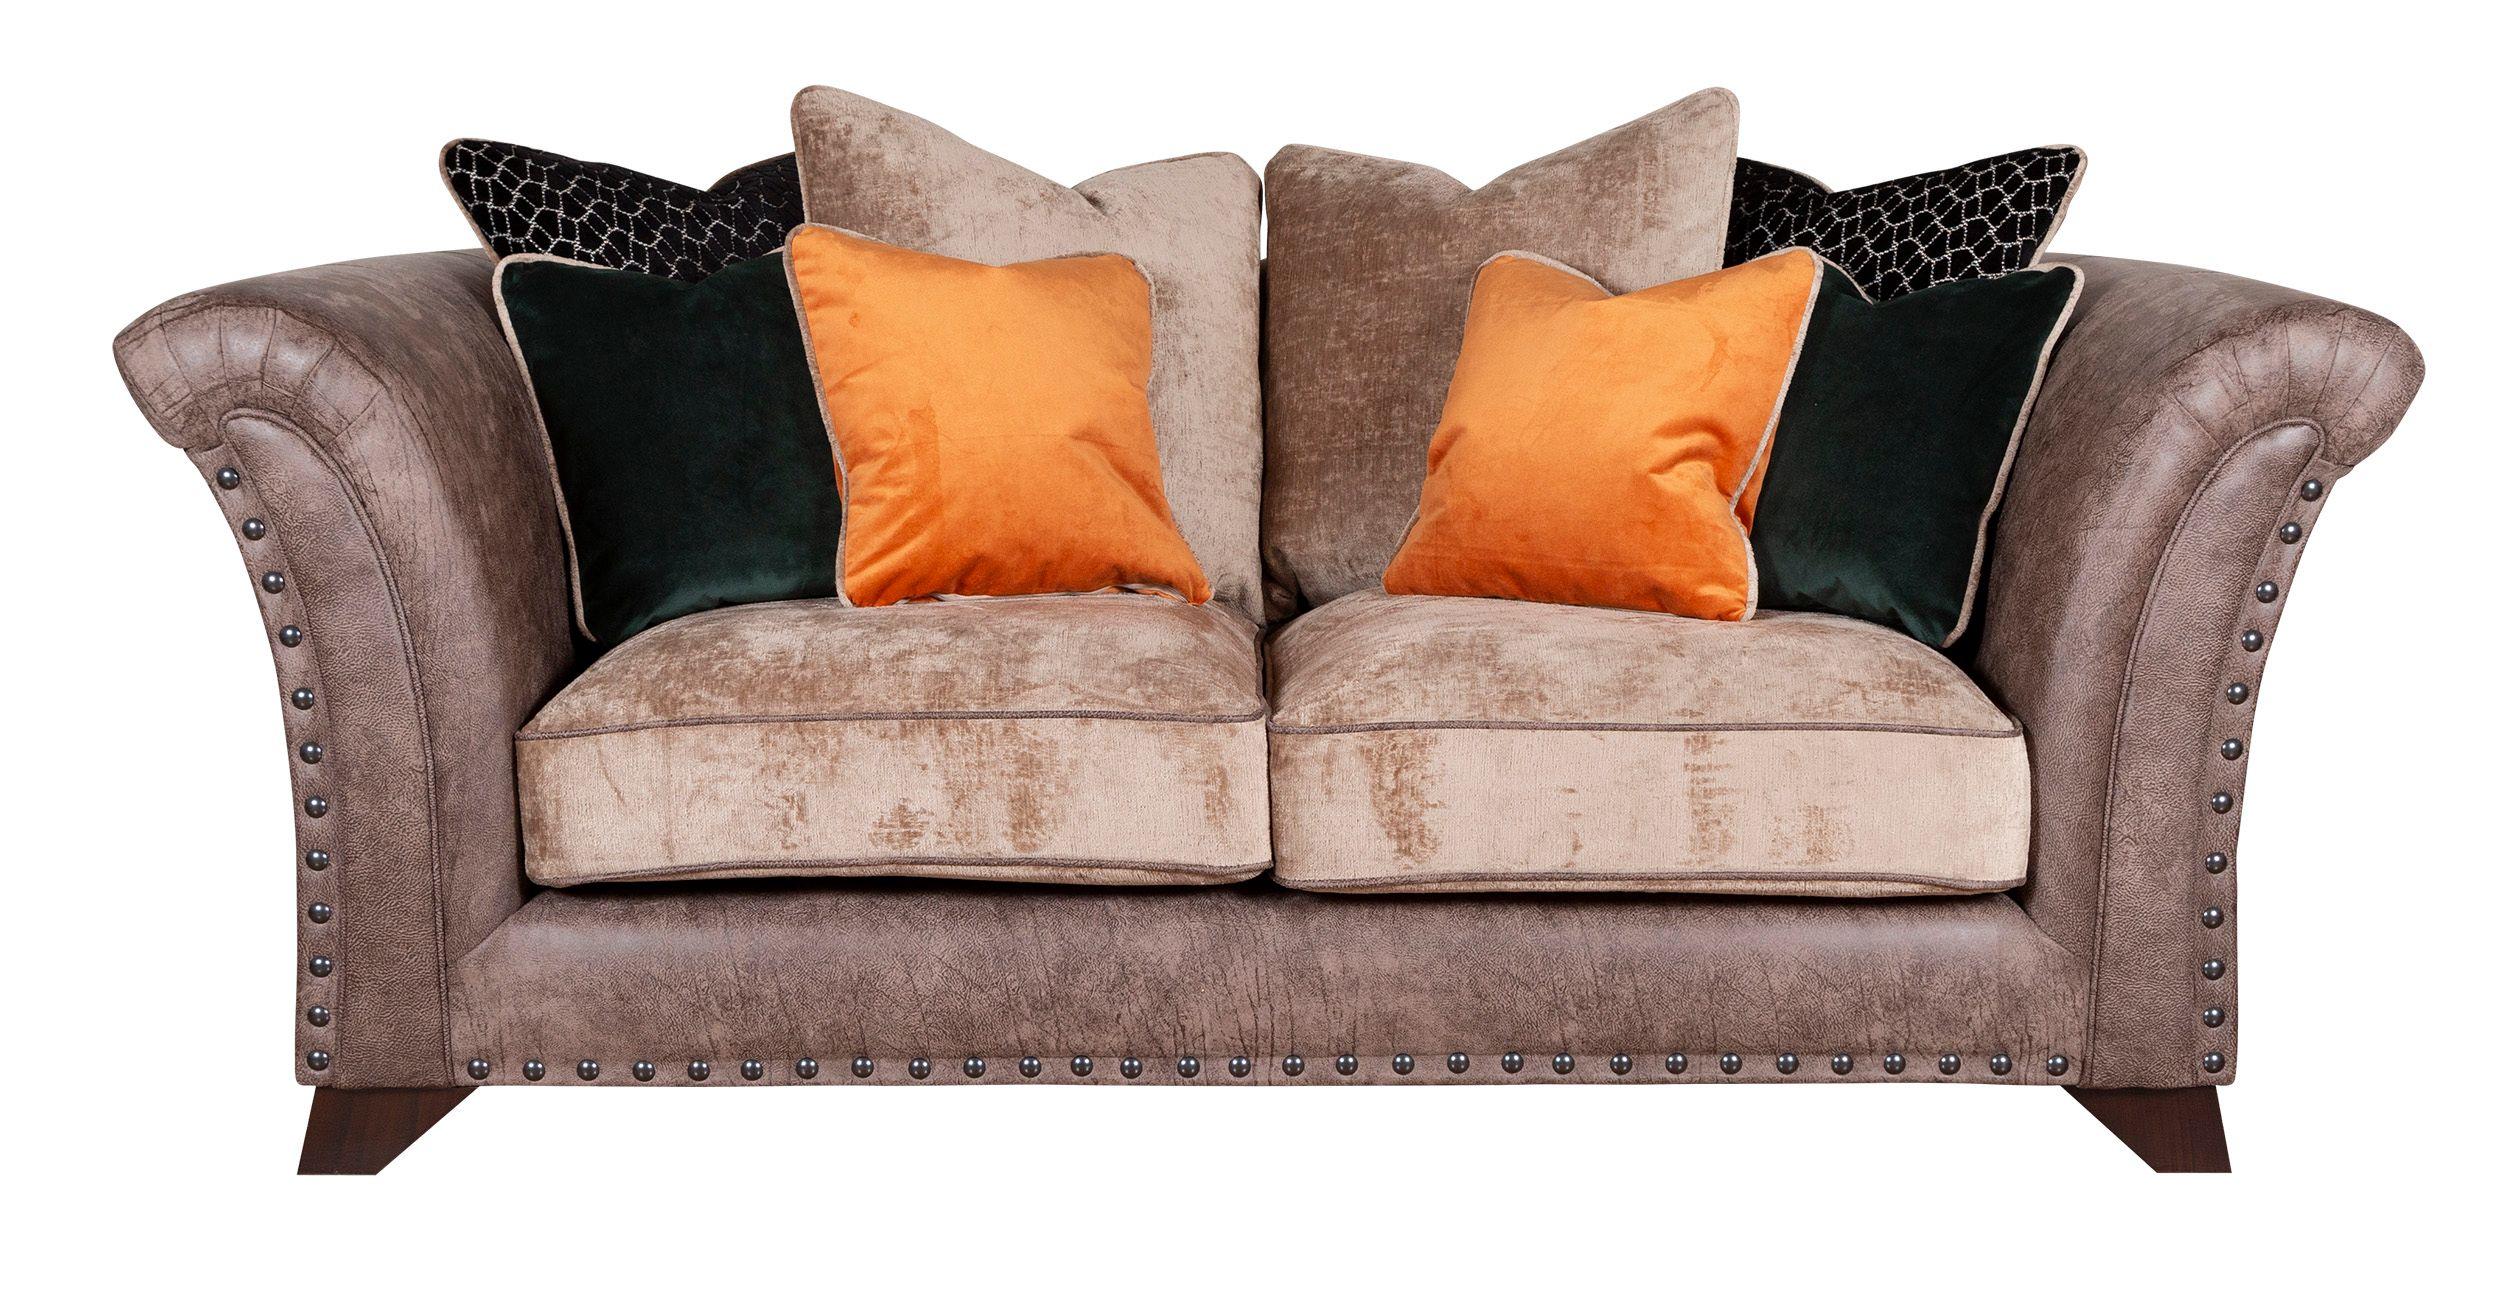 WESTMINSTER Pillow Back 2 Seater Modular Sofa